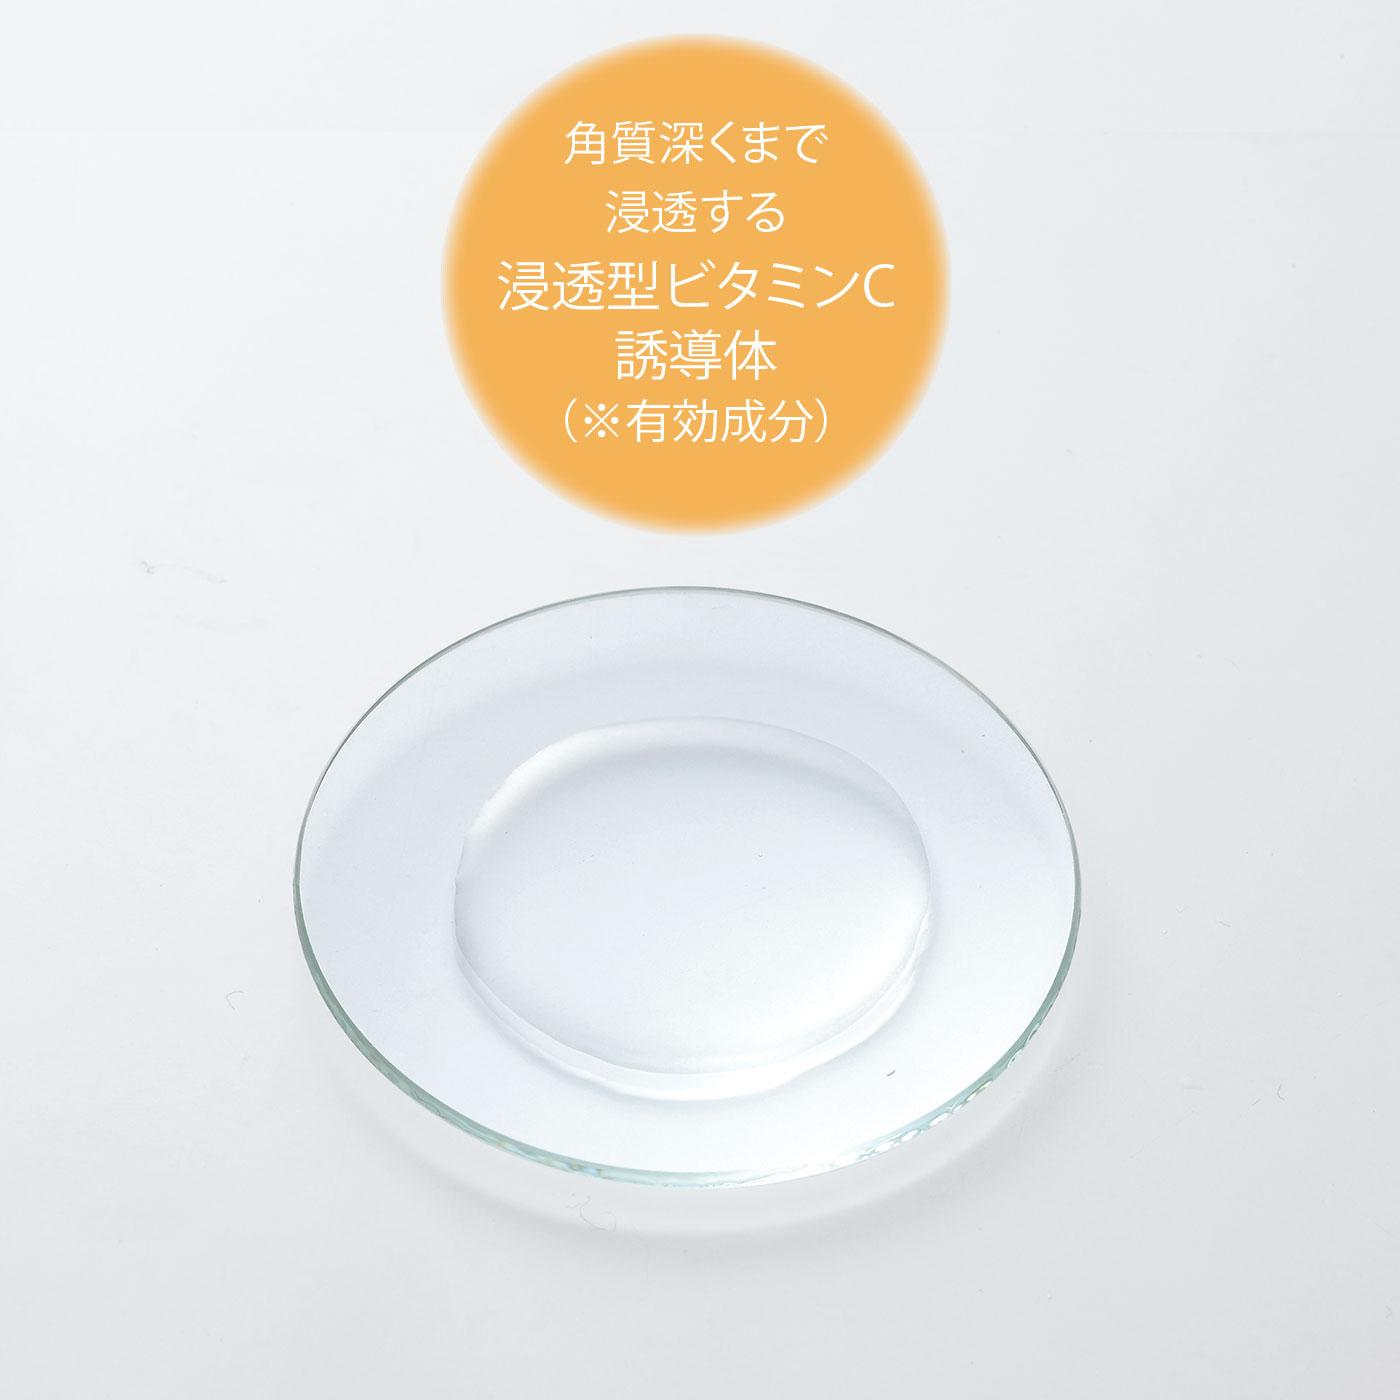 透明のさらっとしたオイル。べたつかないのにとってもしっとり。